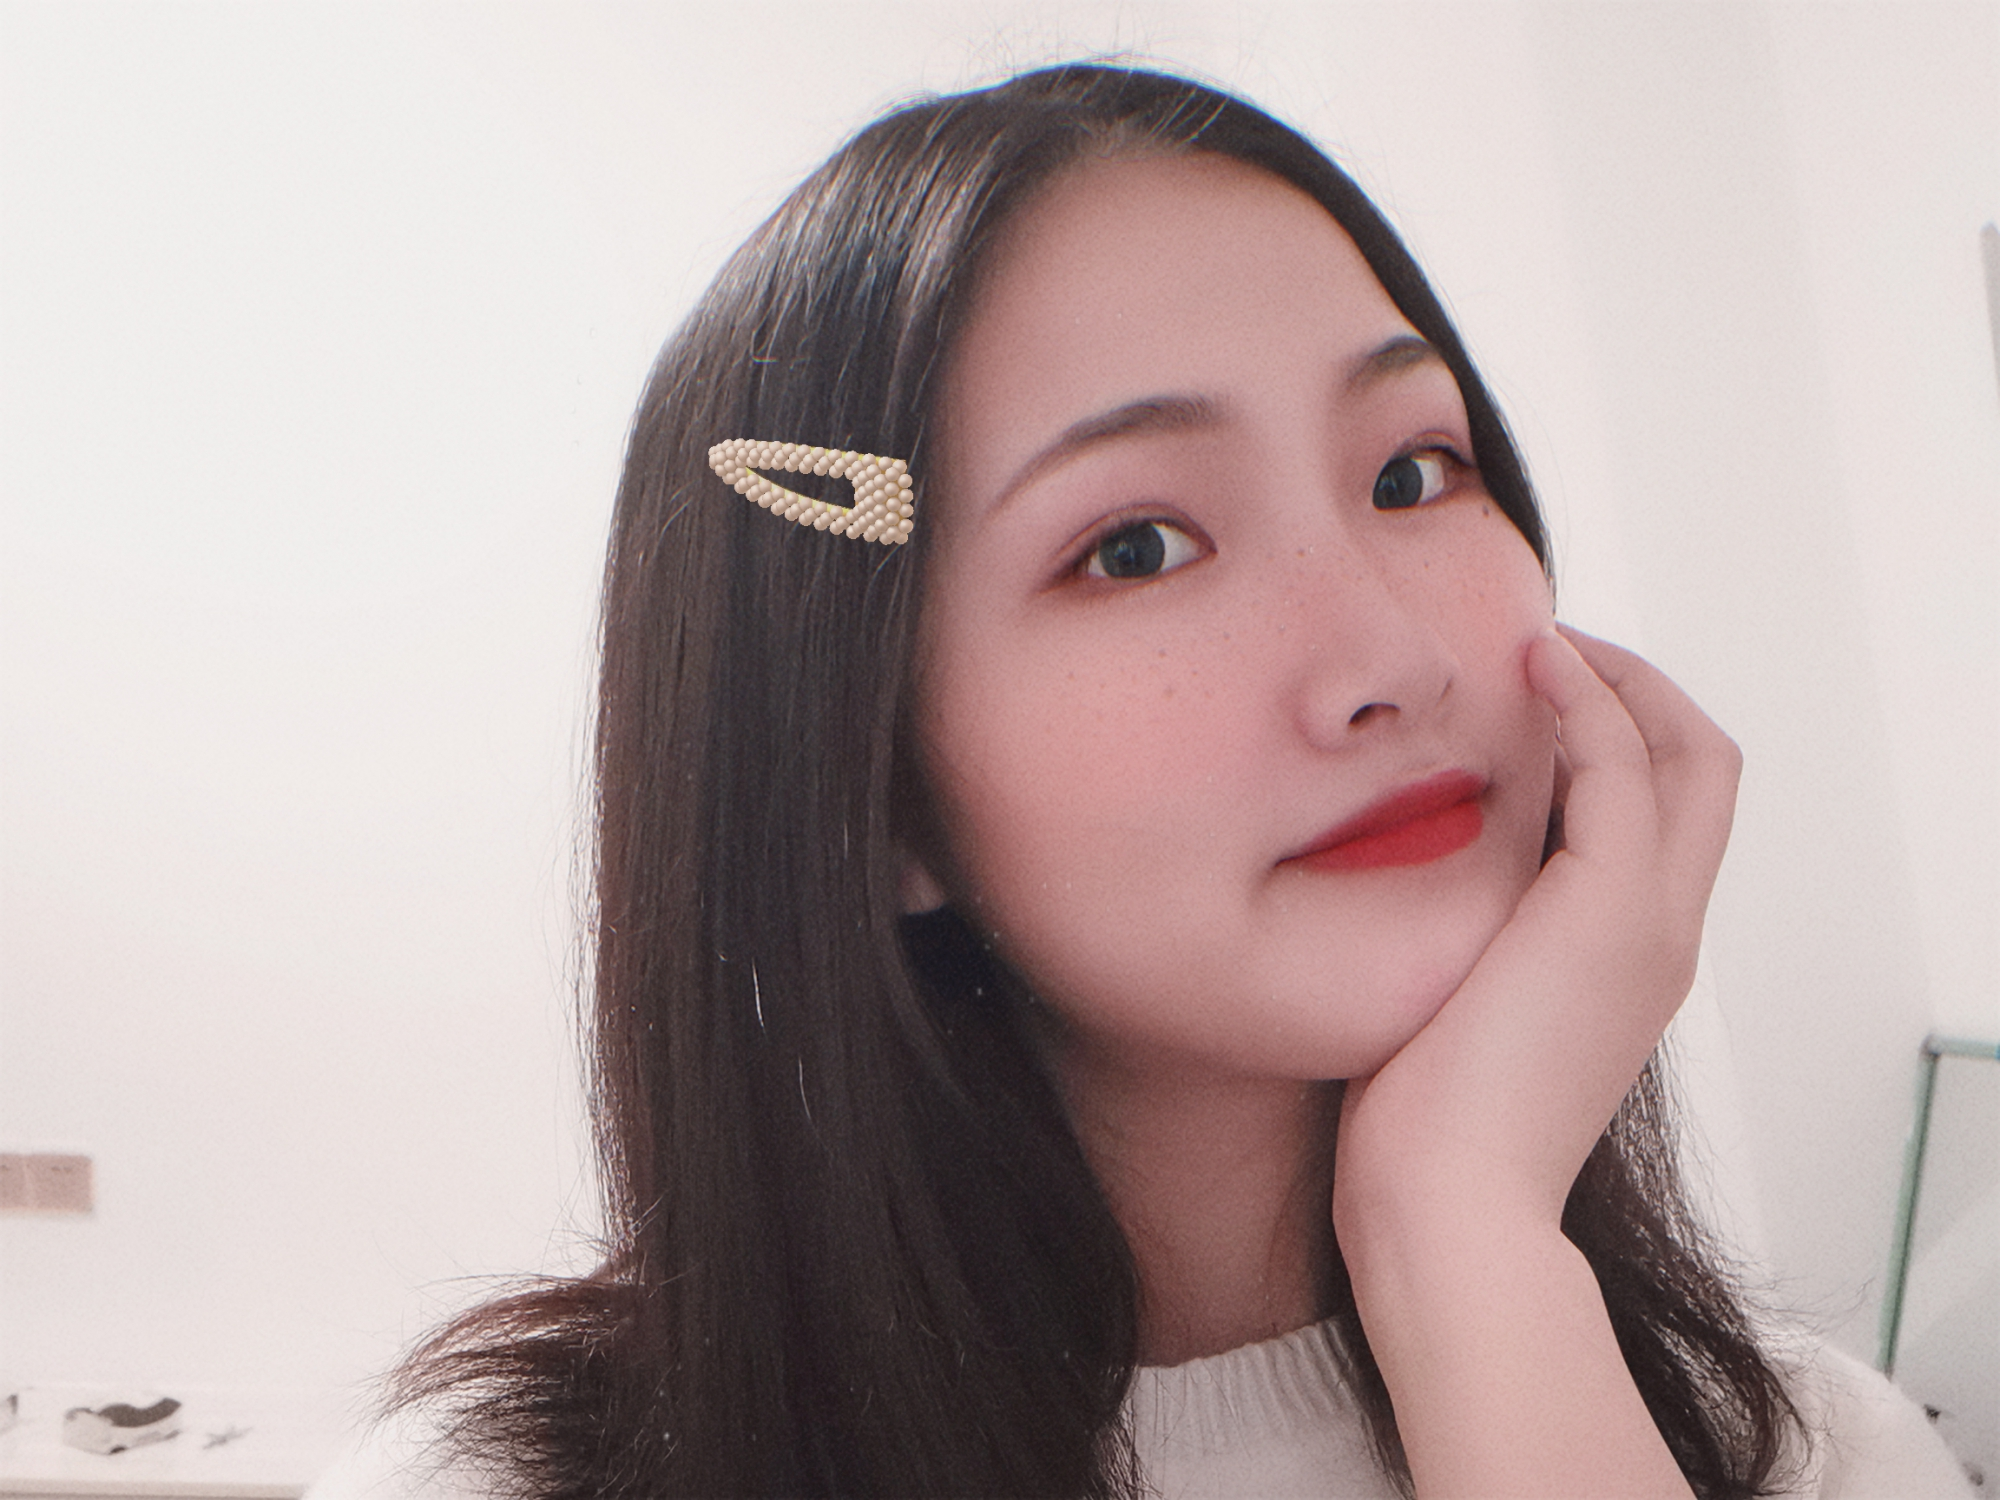 beauty_20190430183930.jpg